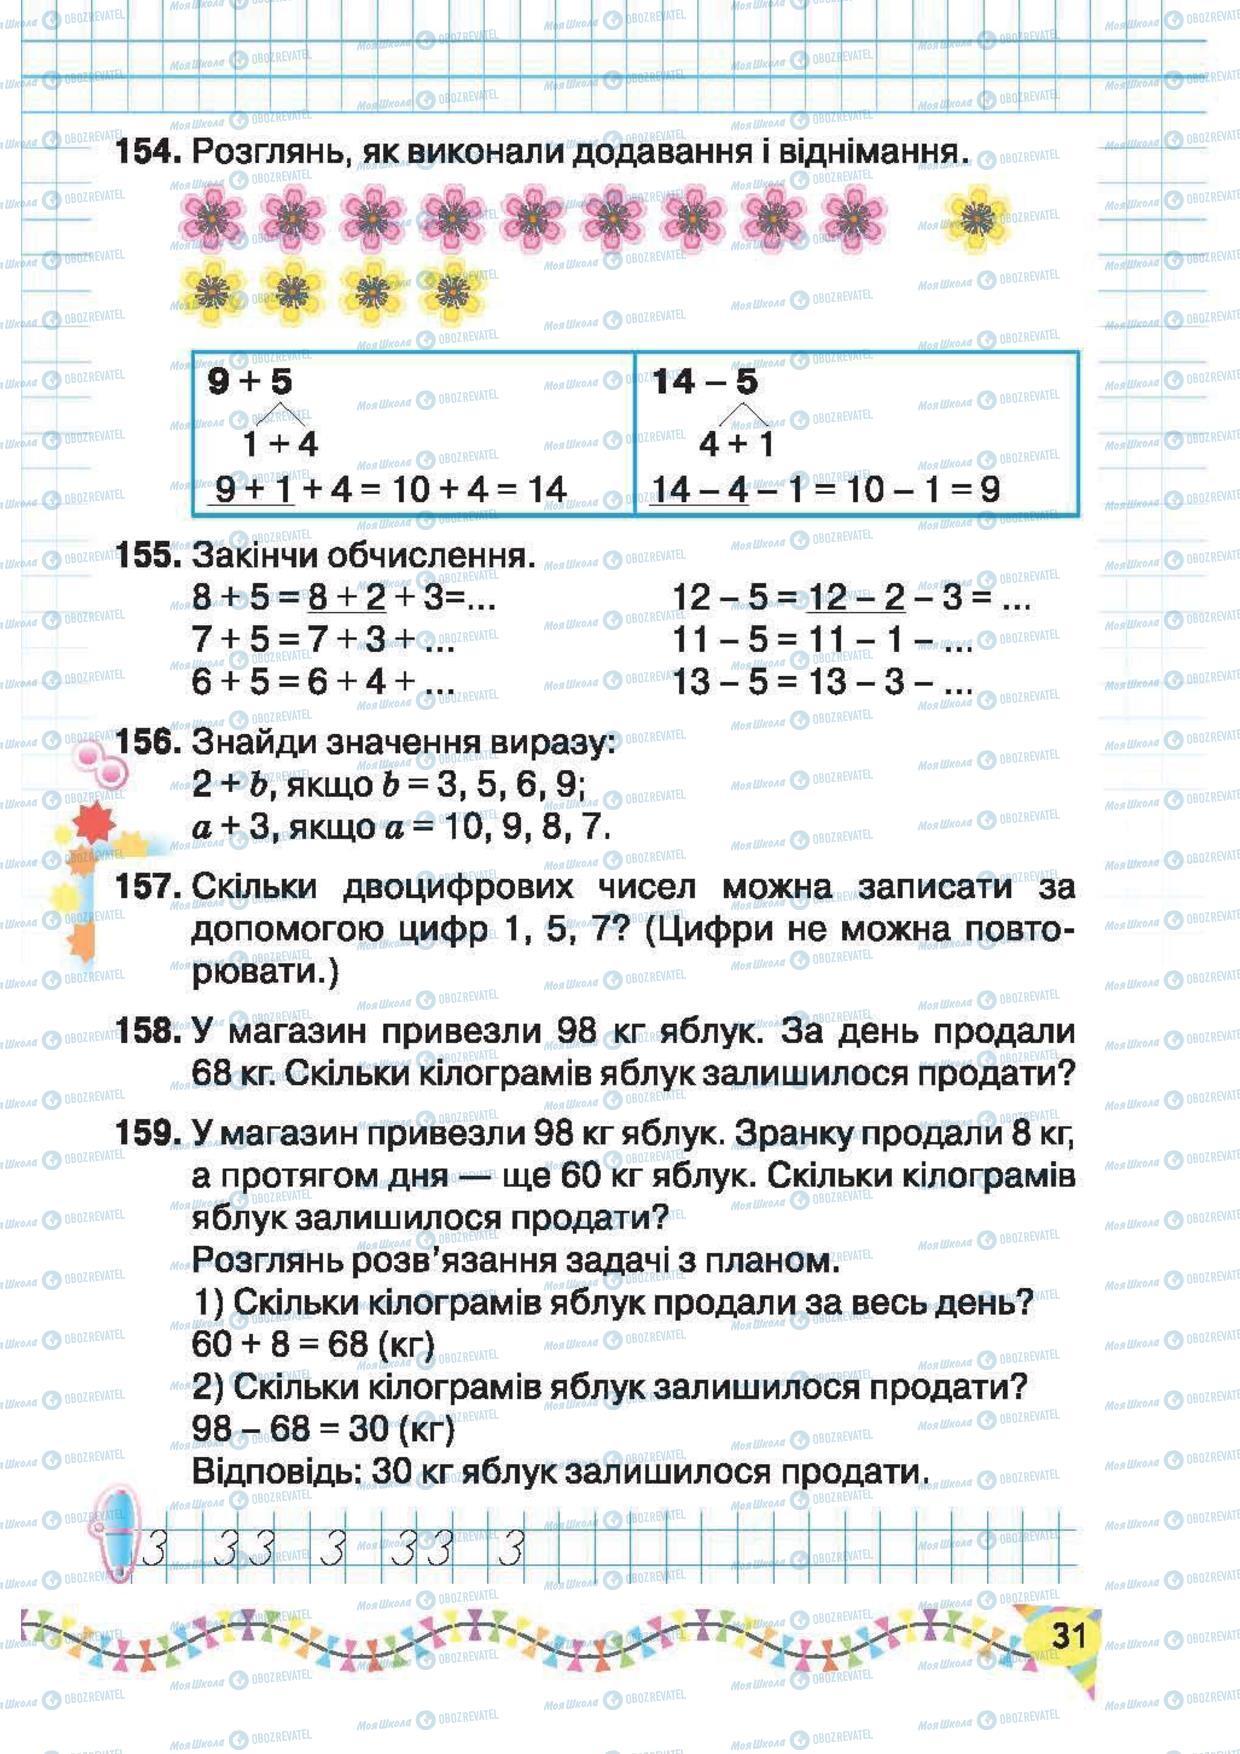 Підручники Математика 2 клас сторінка 31